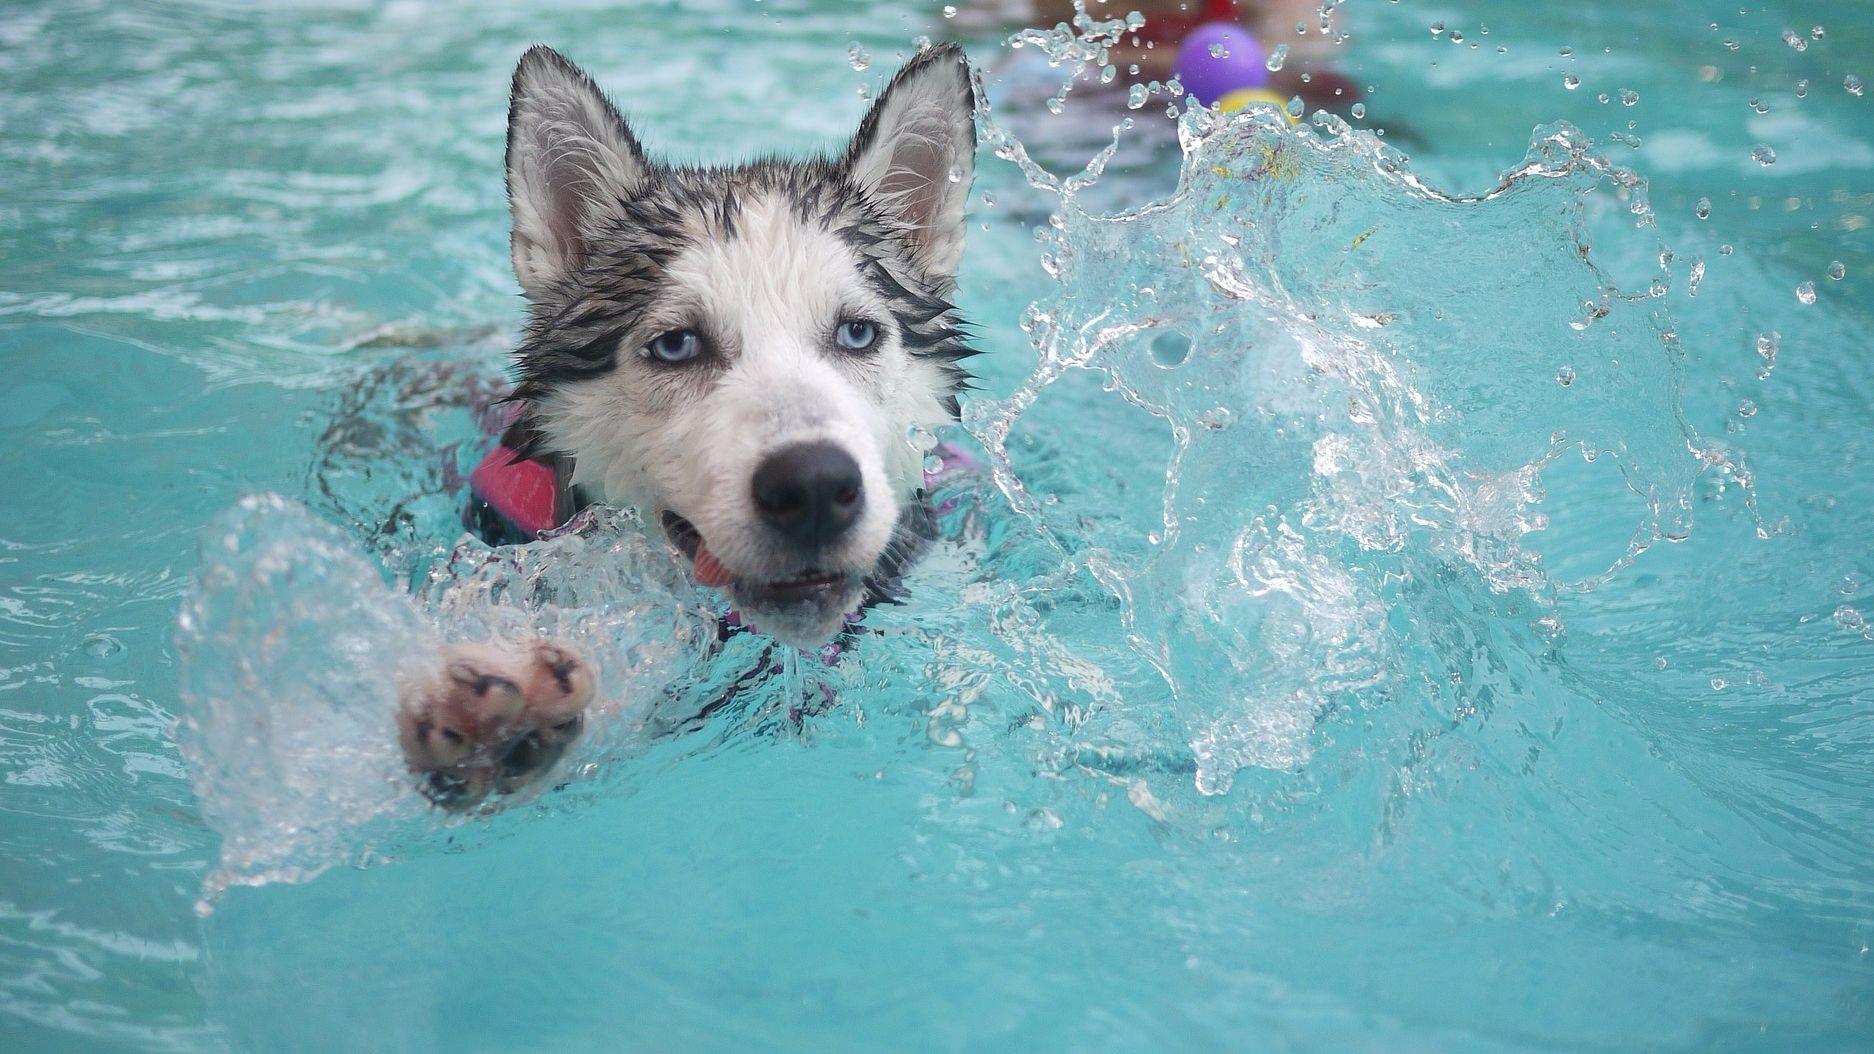 хаски плавает в бассейне